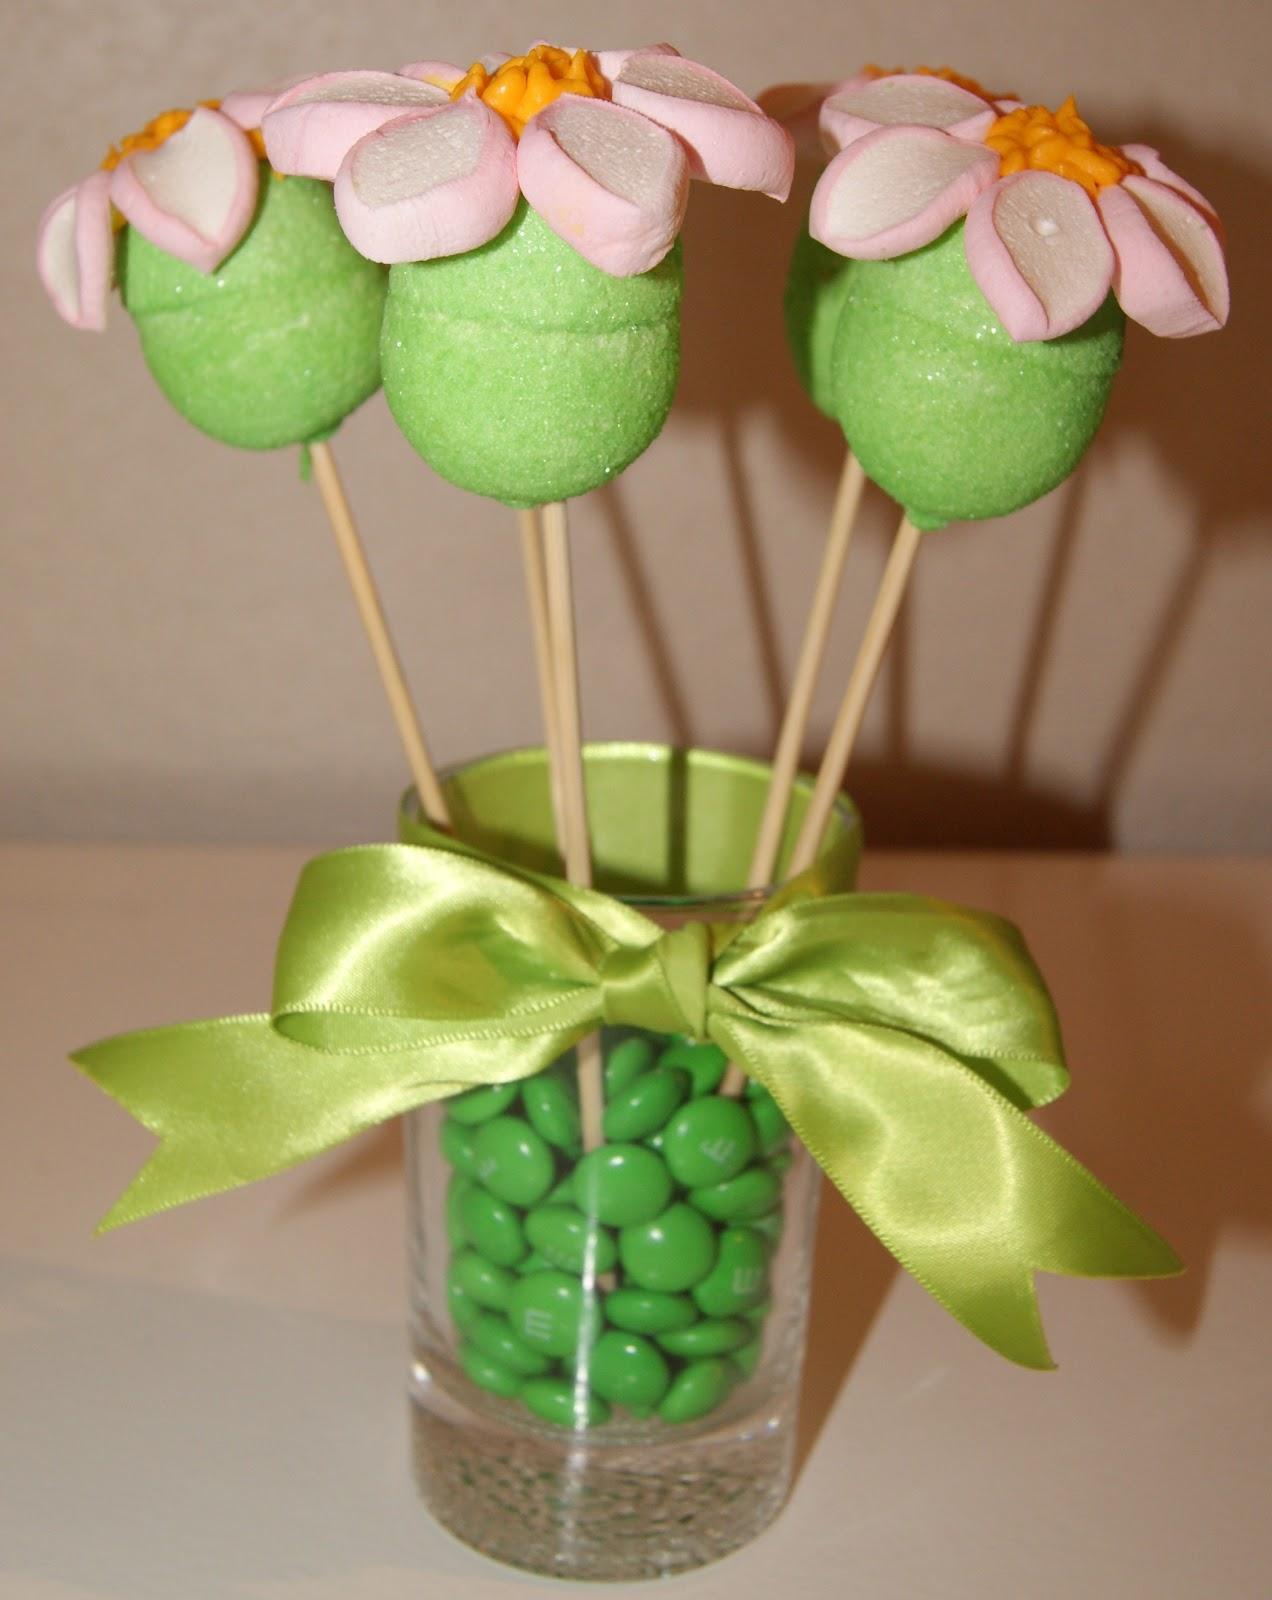 Centro de mesa flores de marshmallow galletas arte y - Ideas para decorar mesas de chuches ...